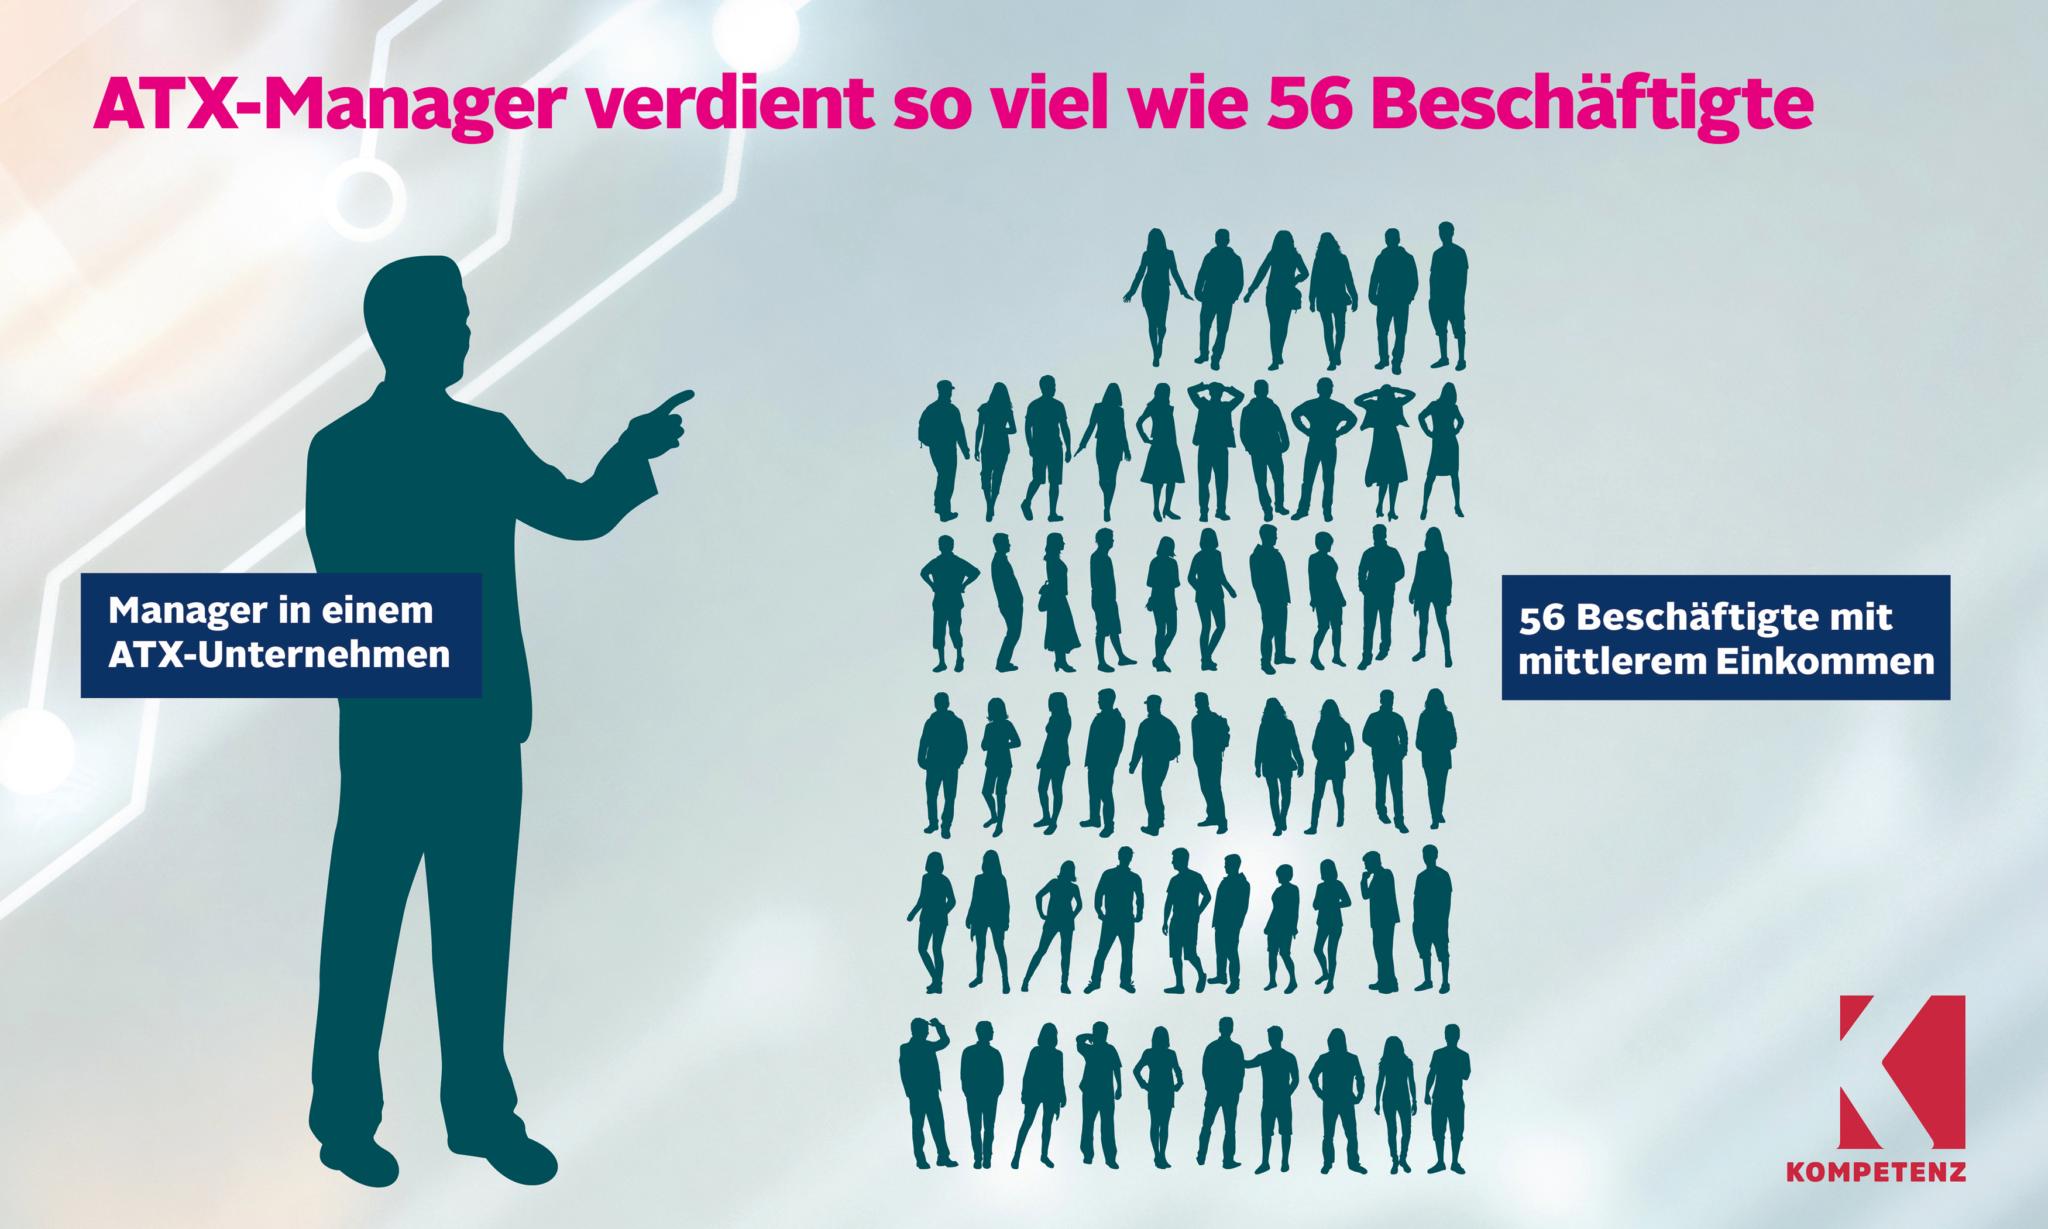 Grafik: Verdienst ATX-Manager